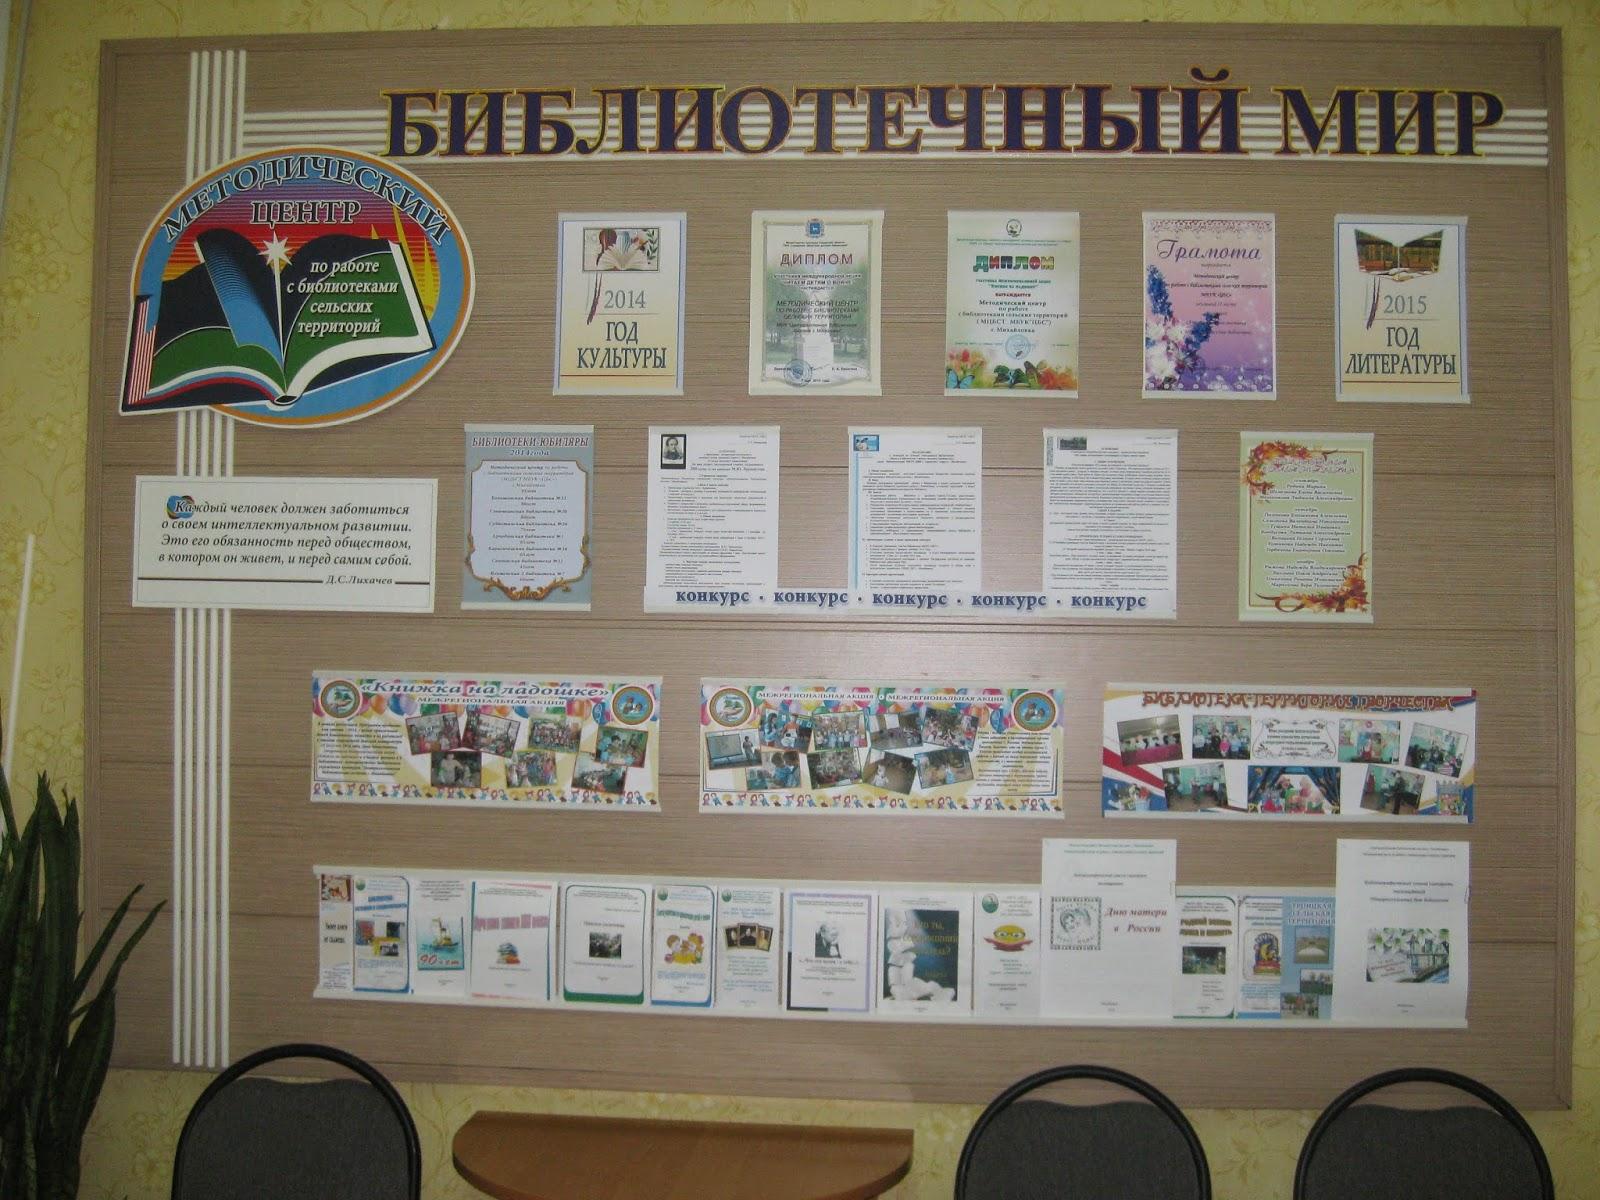 Информационный стенд в библиотеке